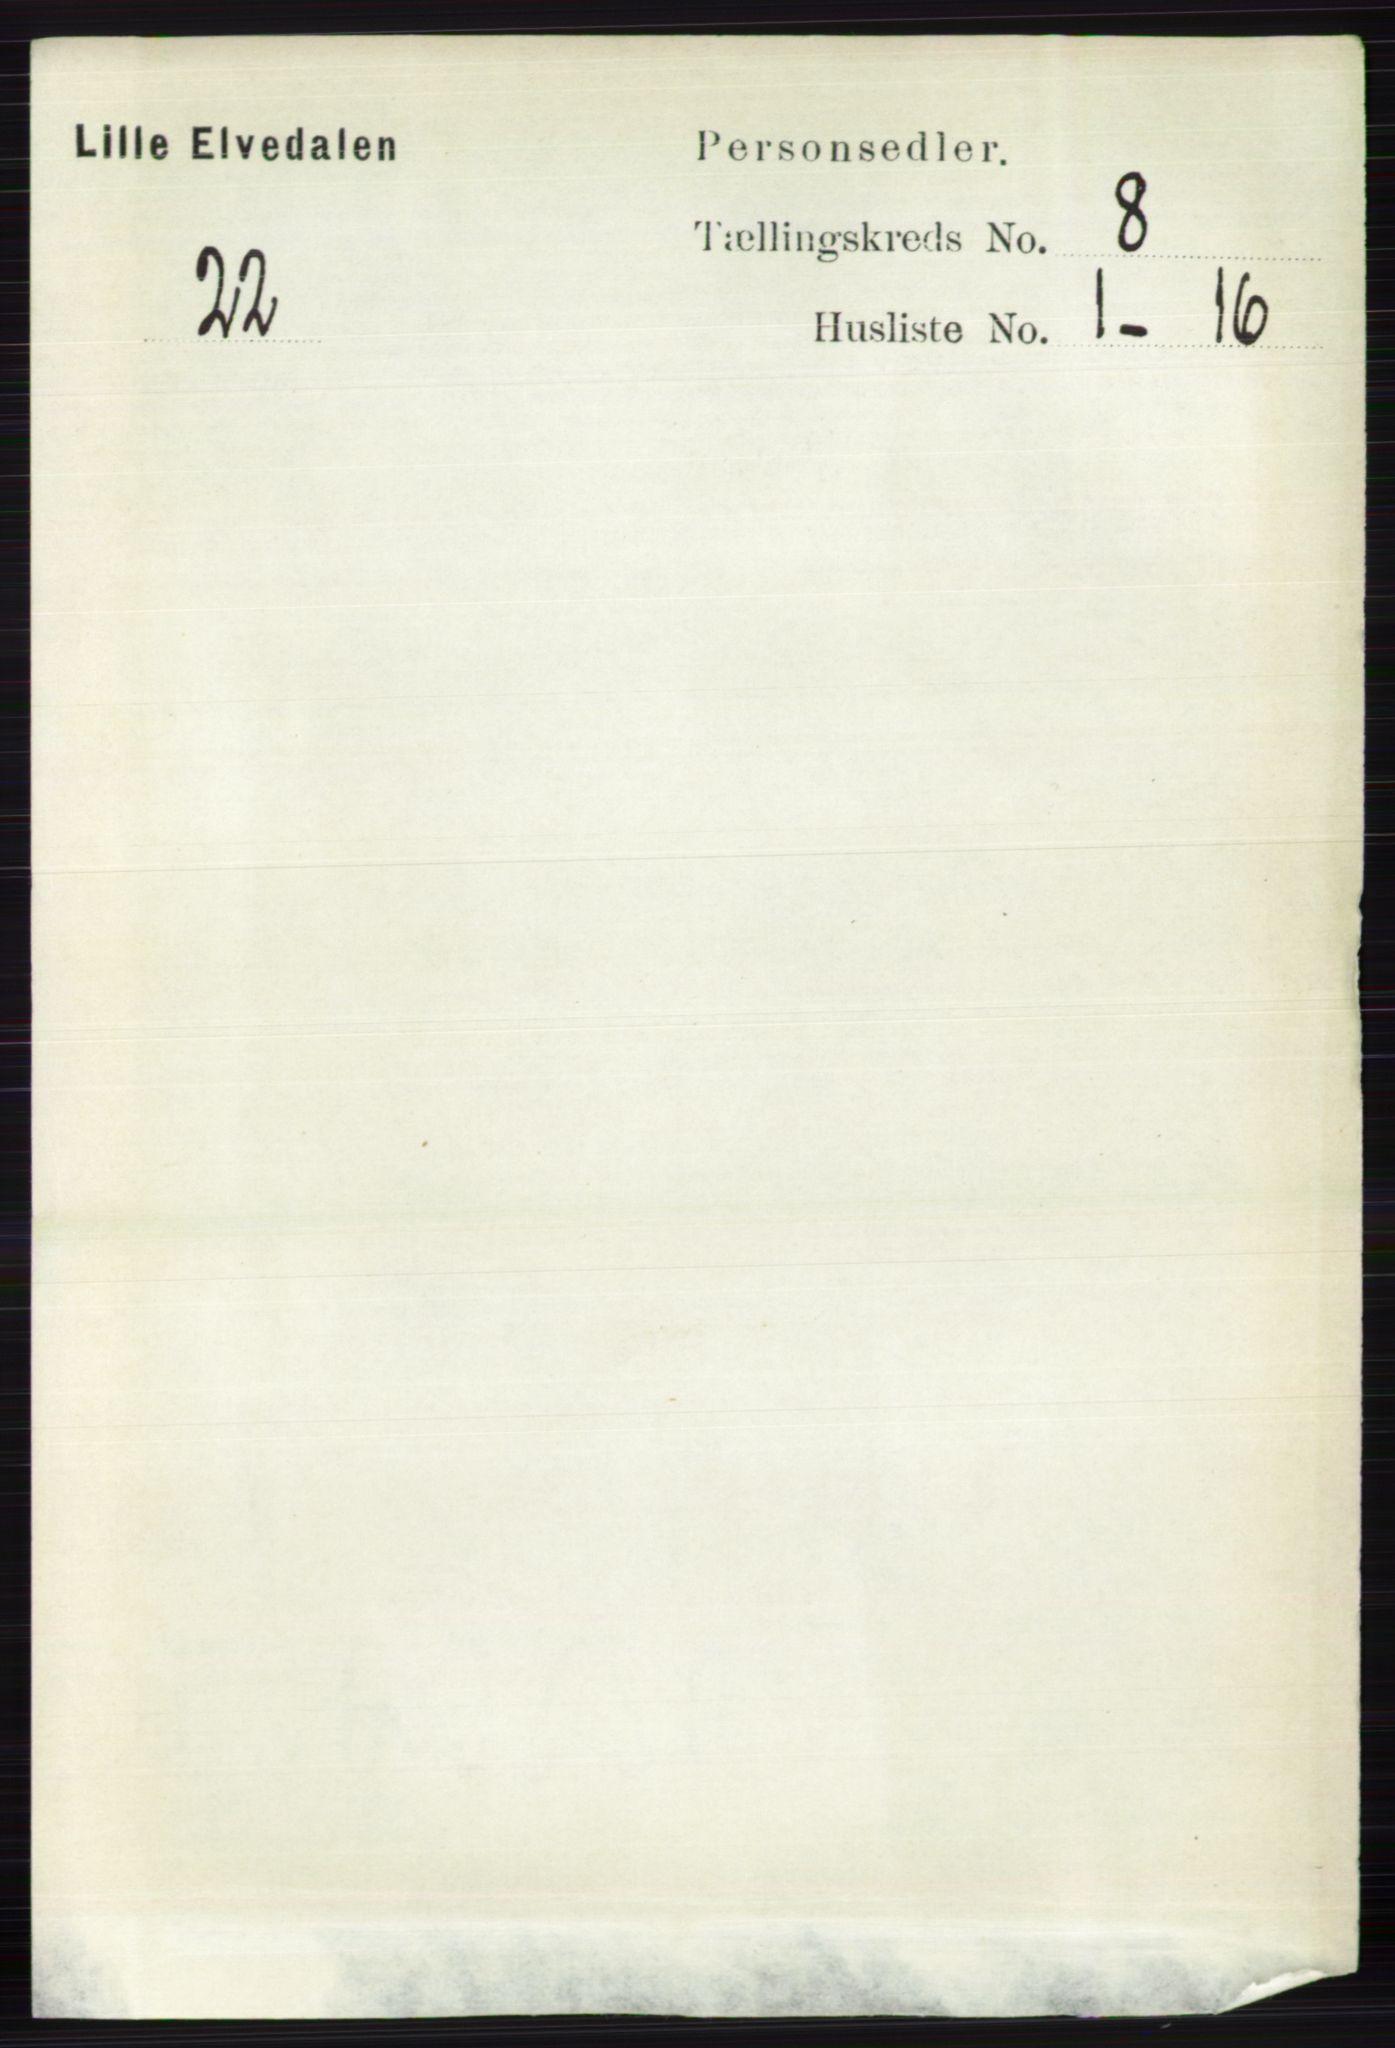 RA, Folketelling 1891 for 0438 Lille Elvedalen herred, 1891, s. 2467